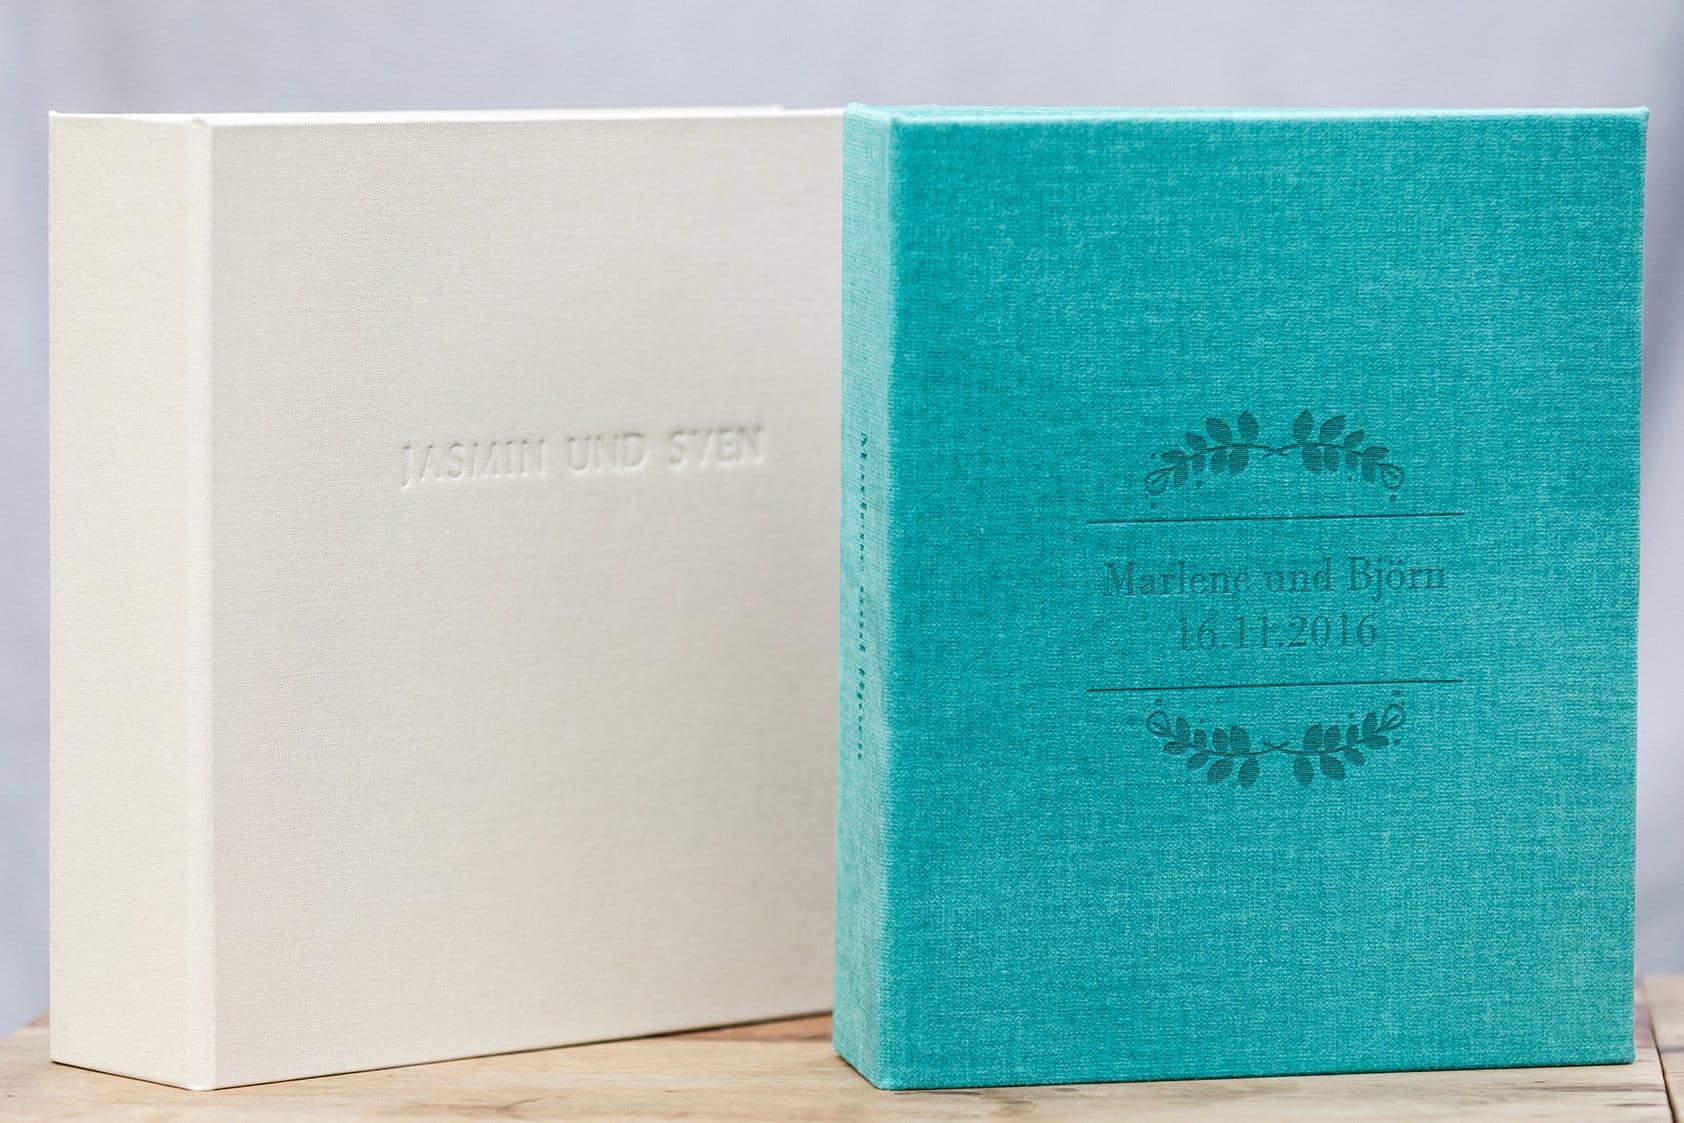 Hochzeitsalben, Fotoalbum, Vintageweddingalbum, Fotobuch, Erinnerung, pinetreephotography, darmstadt